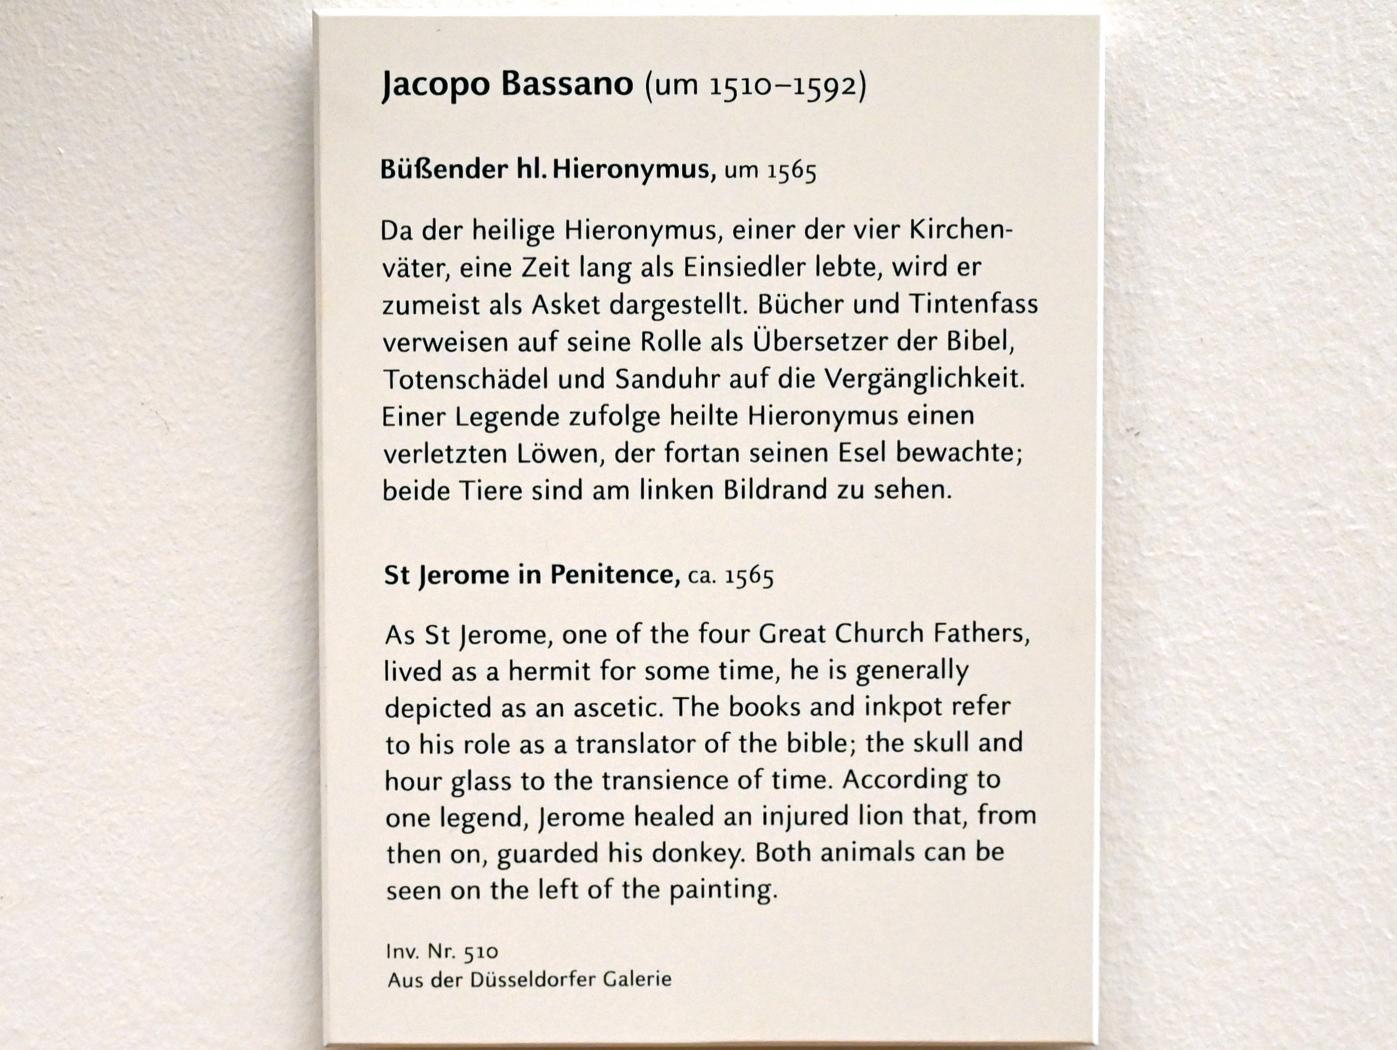 Jacopo Bassano (da Ponte): Der büßende hl. Hieronymus, Um 1565